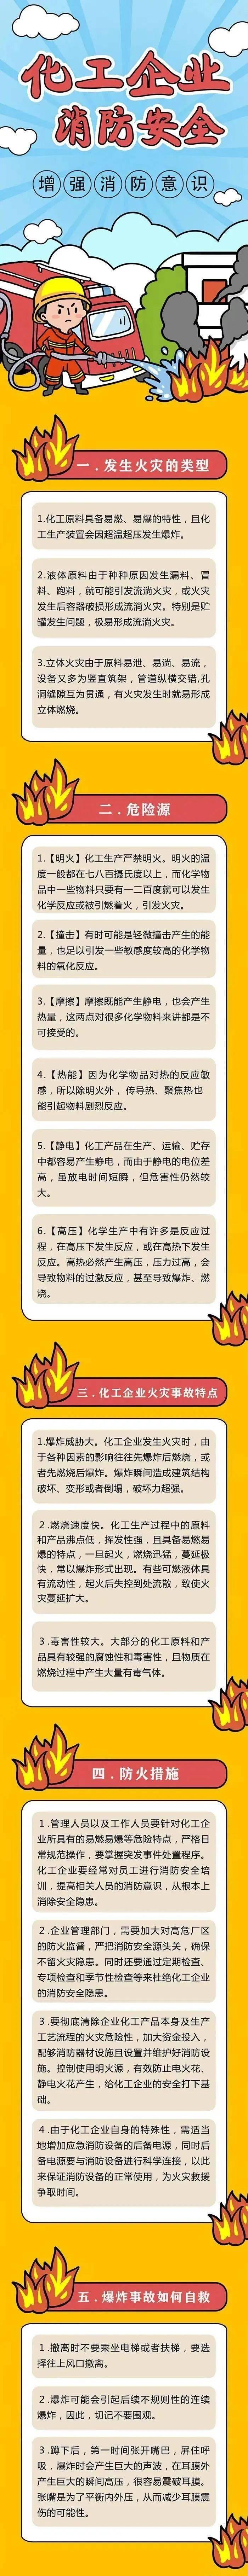 应急科普丨化工企业消防安全常识